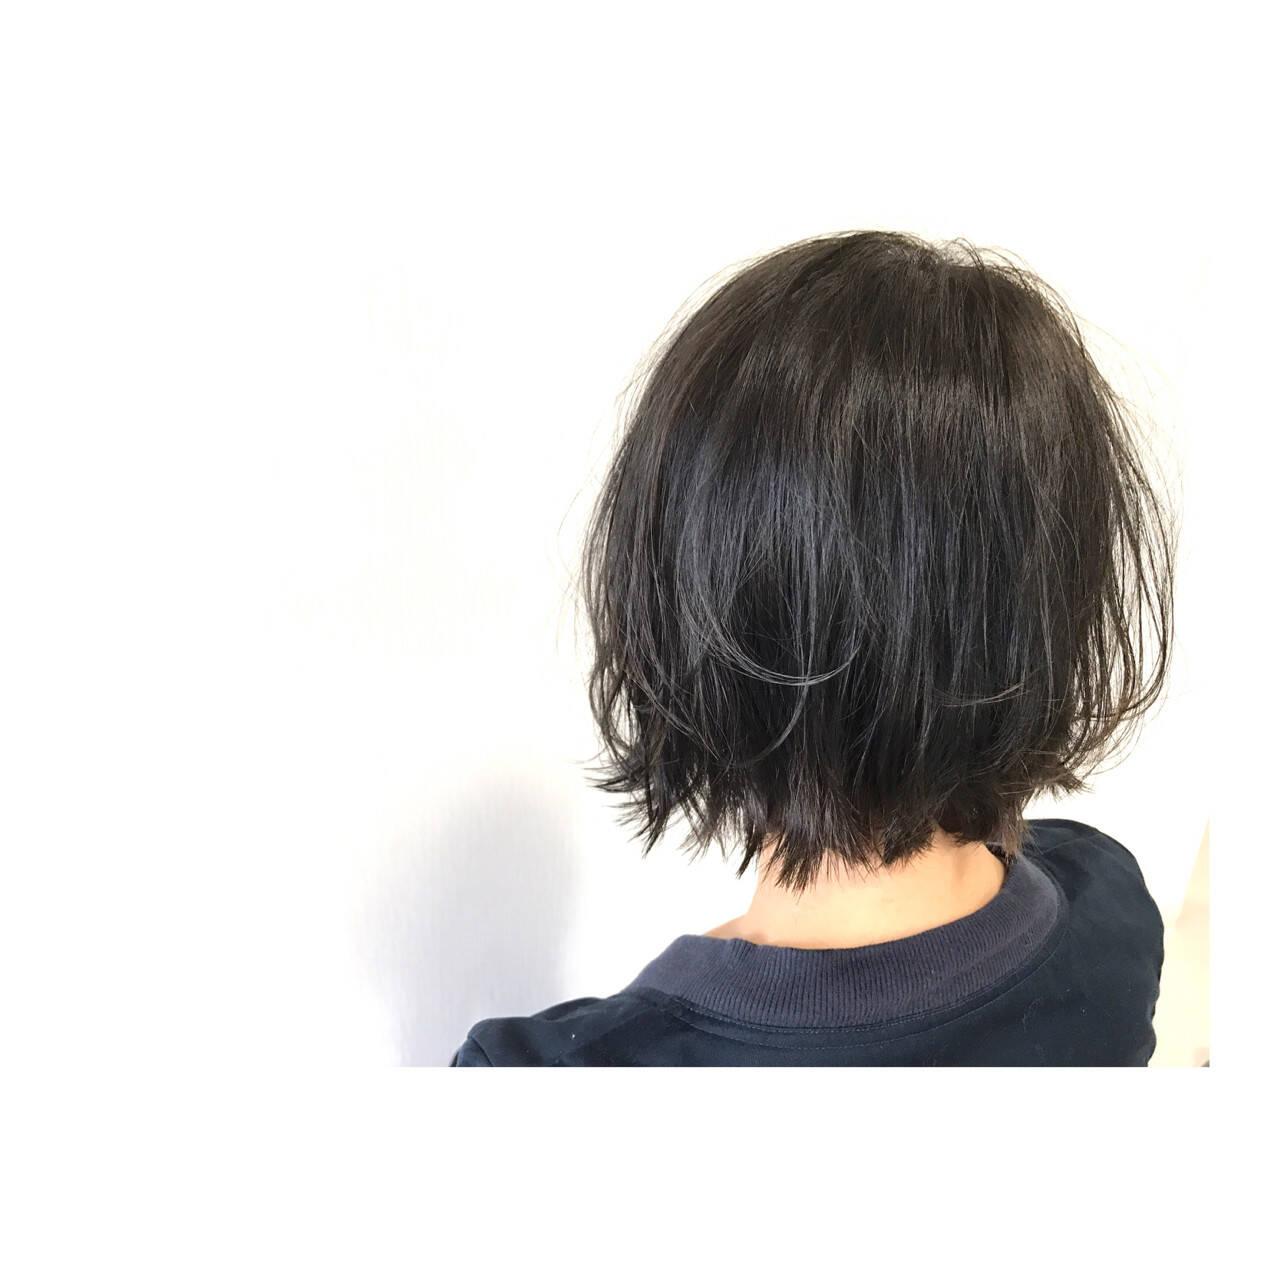 ボブ 簡単ヘアアレンジ オフィス スポーツヘアスタイルや髪型の写真・画像